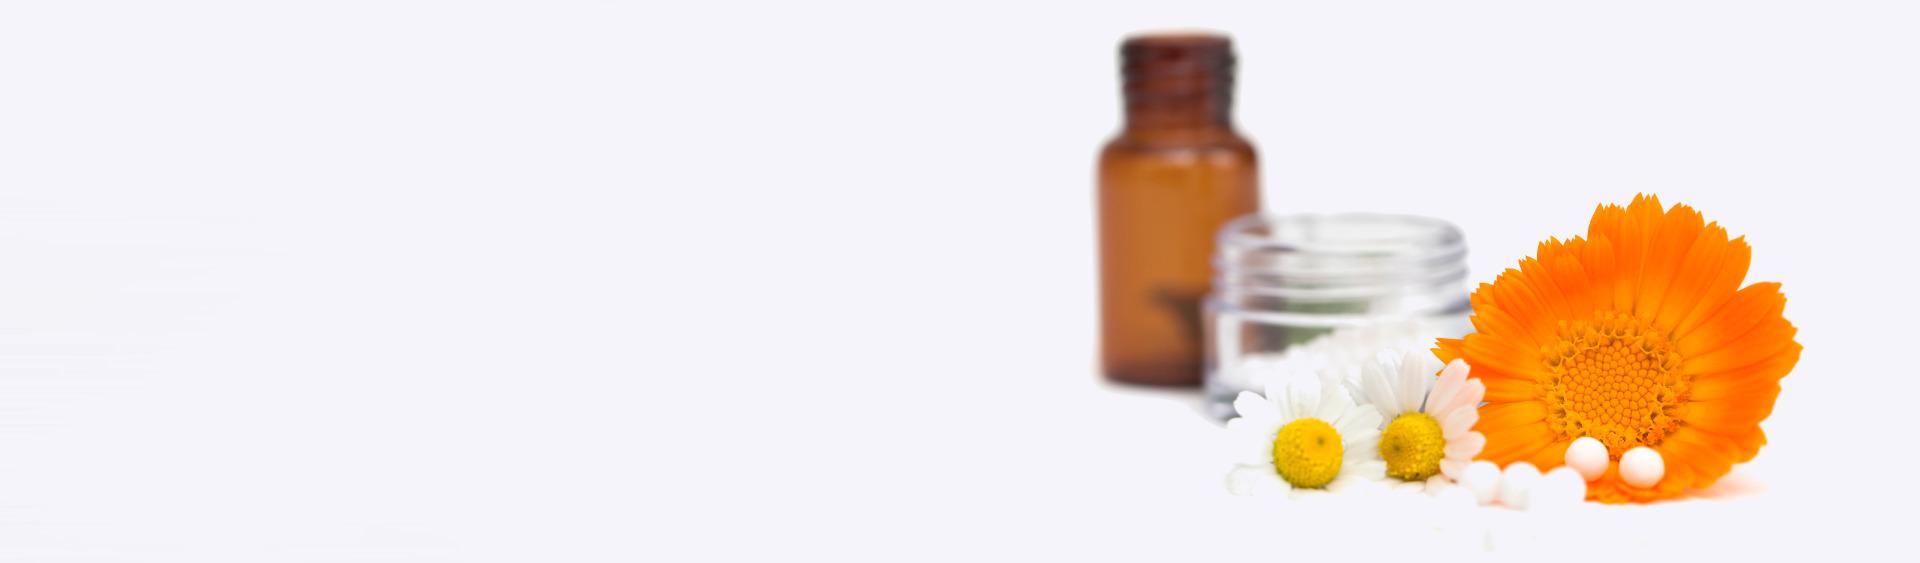 omeopatia-fitoterapia-farmacia